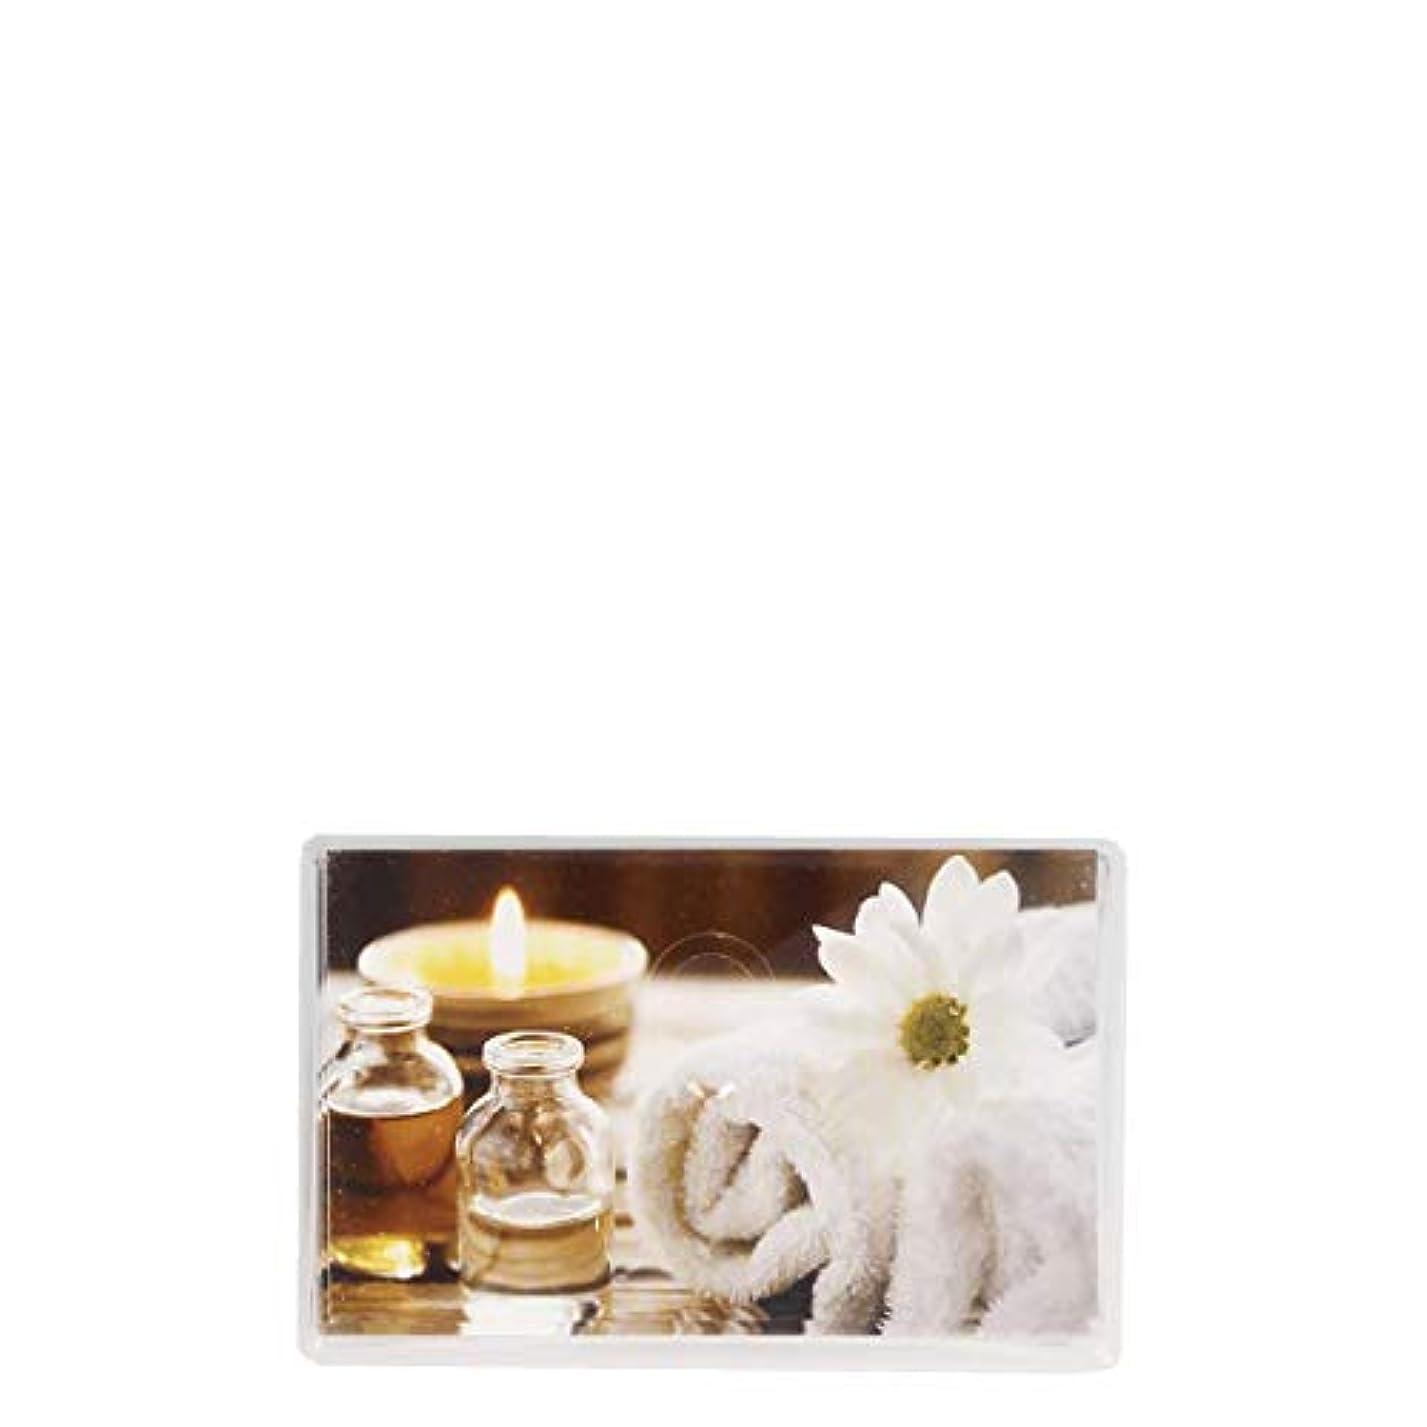 ジョリーリアル無視アポイントメントカード Appointment cards- AP5B BEAUTY DAISY CARDS x100[海外直送品] [並行輸入品]